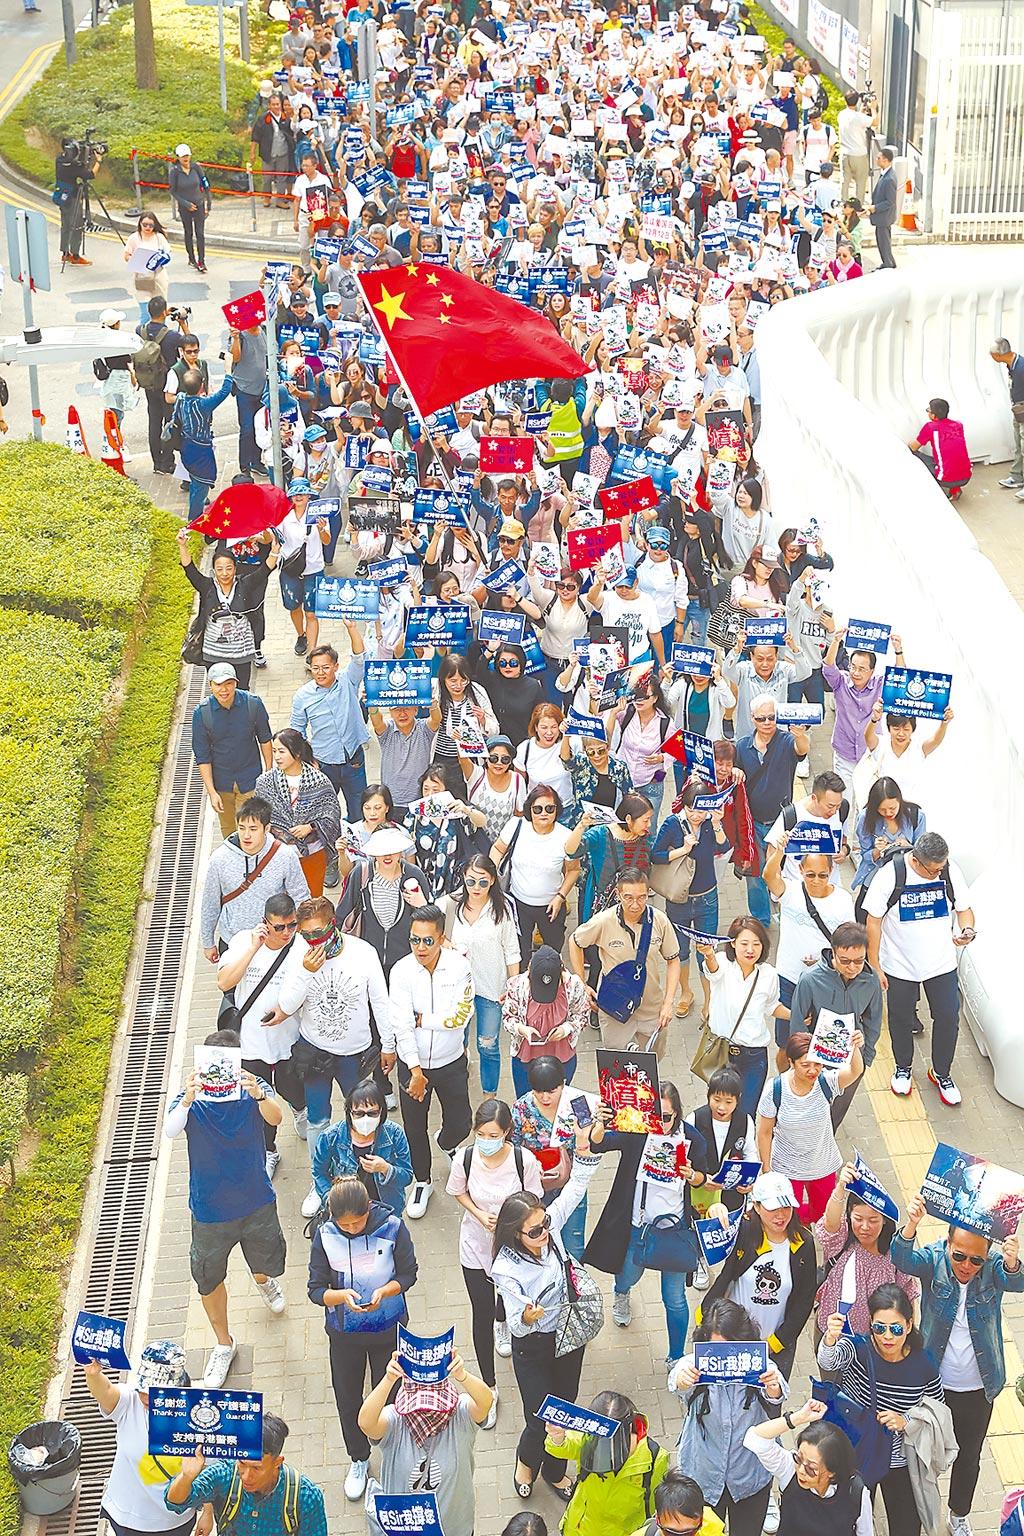 美國國會USCC年度報告建議,若解放軍入港鎮暴,將取消給與香港的特殊經濟待遇。圖為數千名香港市民自發前往香港特區政府總部,呼籲特區政府盡快止暴制亂,同時為警察加油打氣。(中新社)